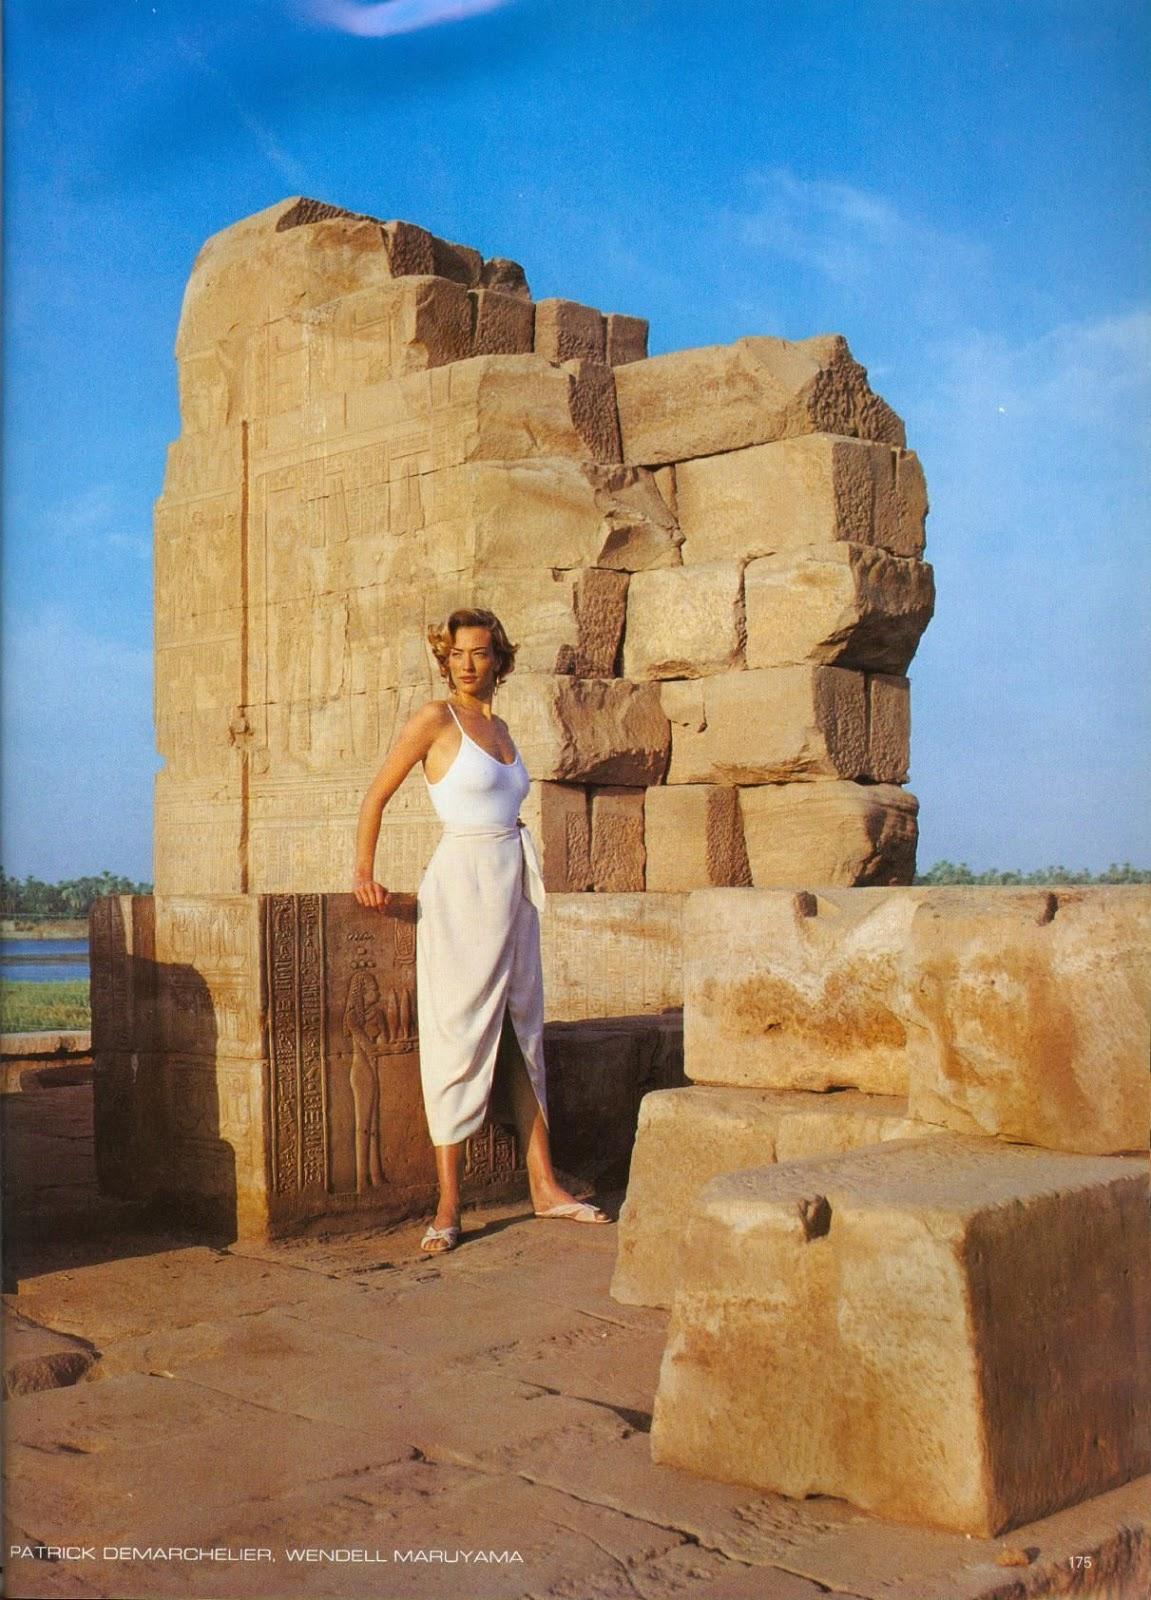 Egipto a través del lente de Patrick Demarchelier, 1993